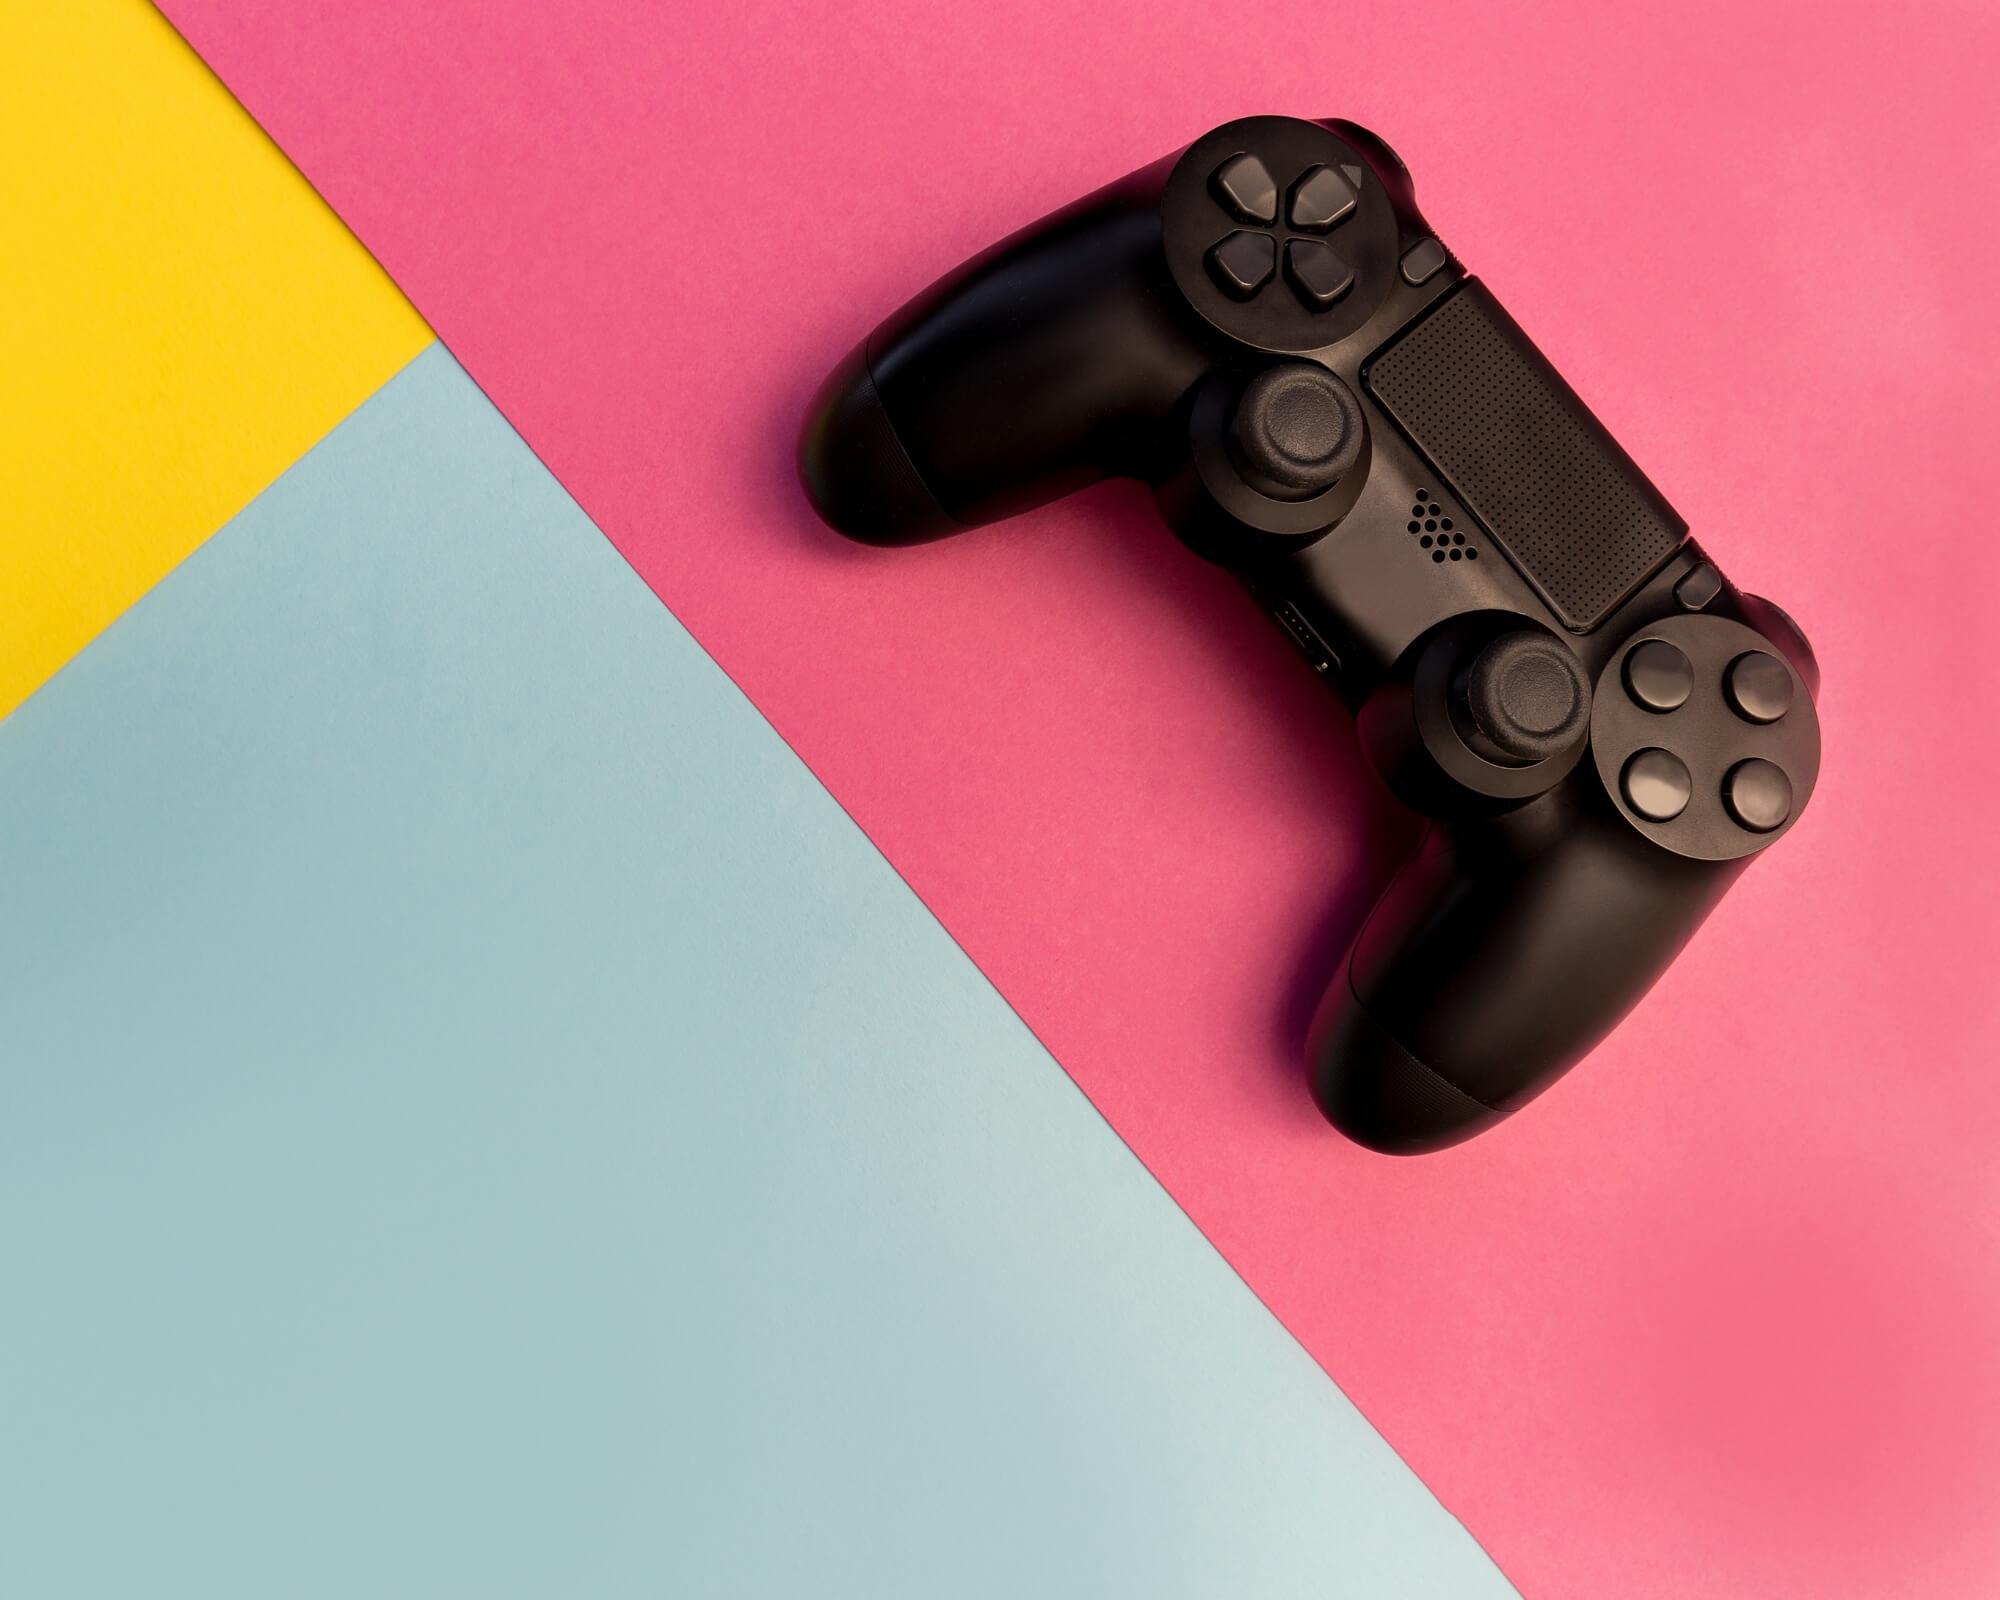 una consola para jugar a videojuegos